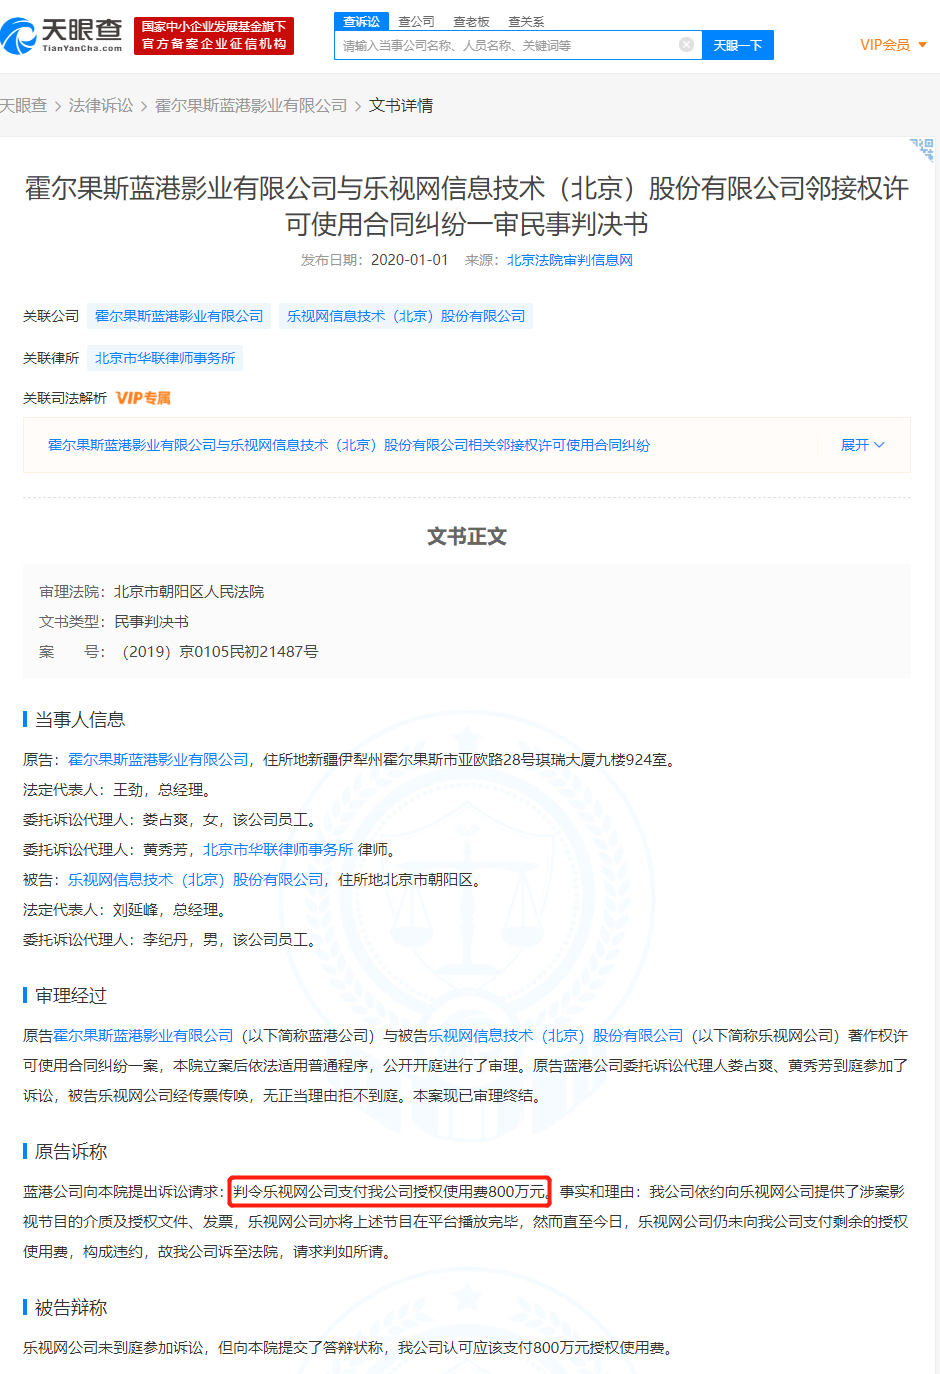 乐视网董事长刘延峰再被限制消费 因未支付800万元授权费